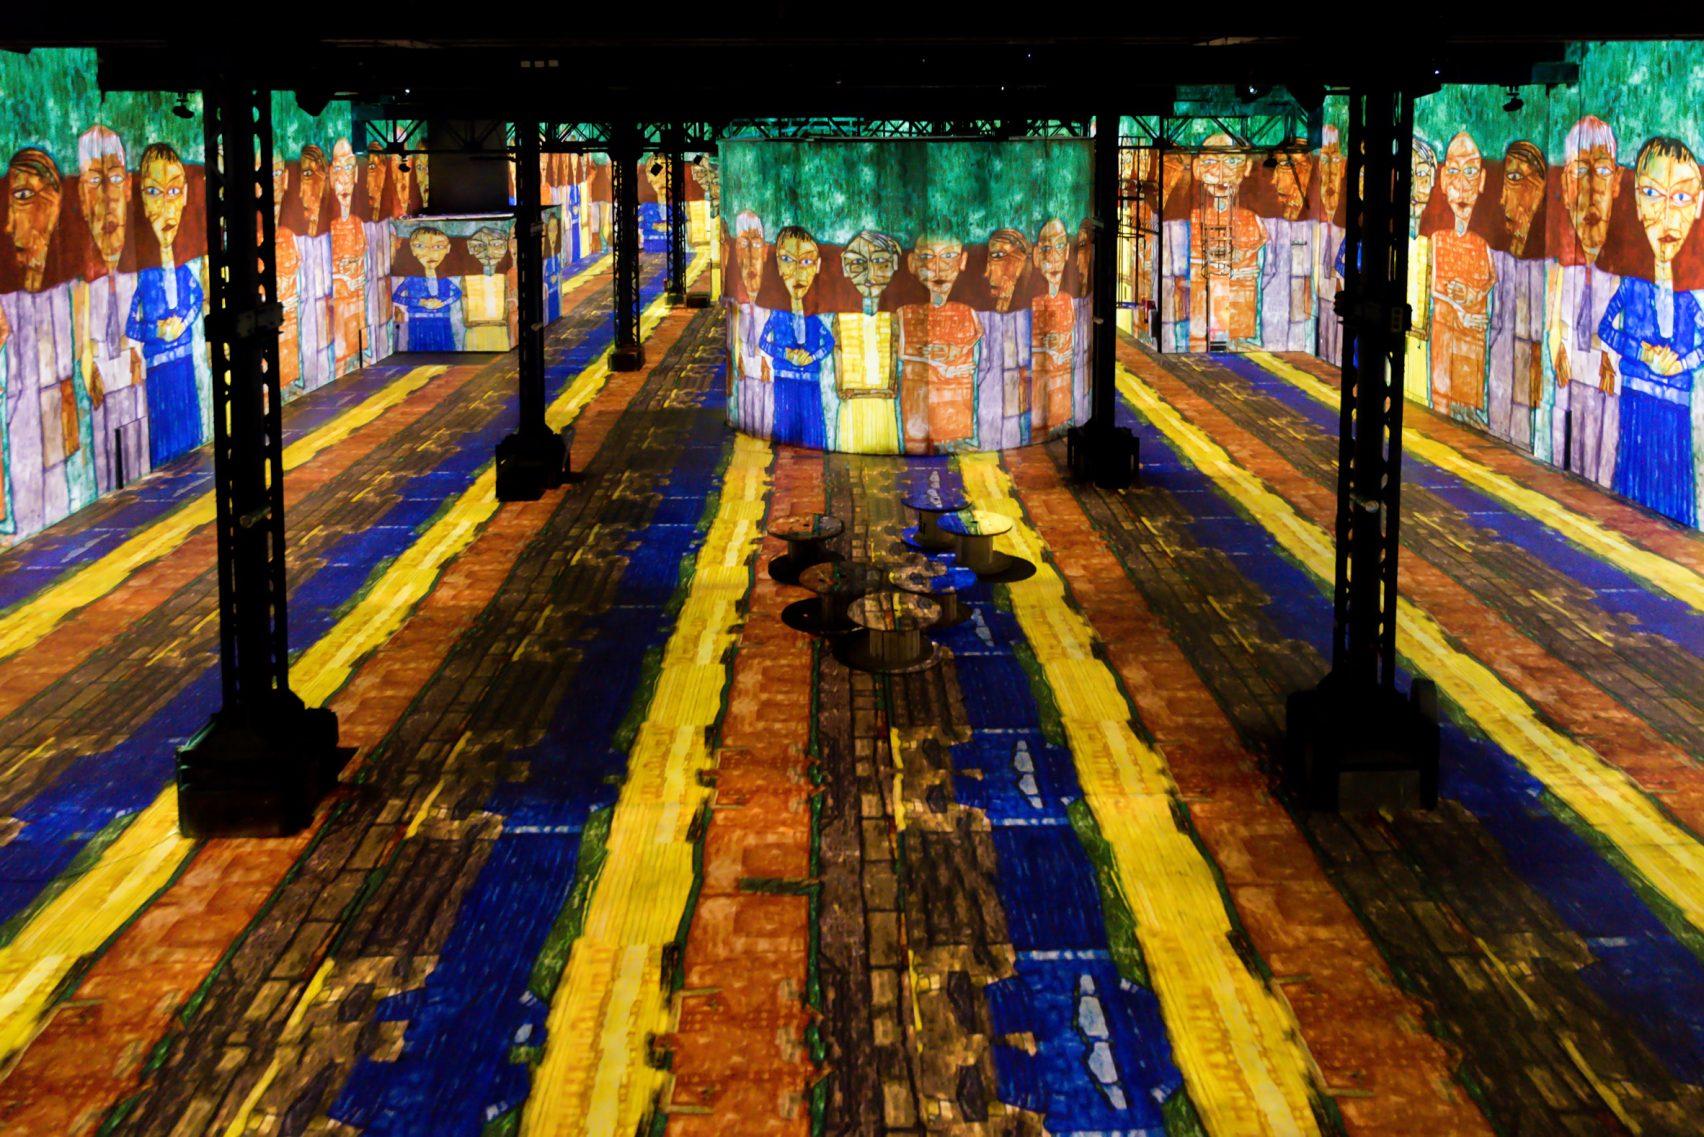 paris atelier lights digital fine art museum design dezeen 2364 col 5 1704x1137 - L'Atelier des Lumières: une révolution scénographique 2.0 ?